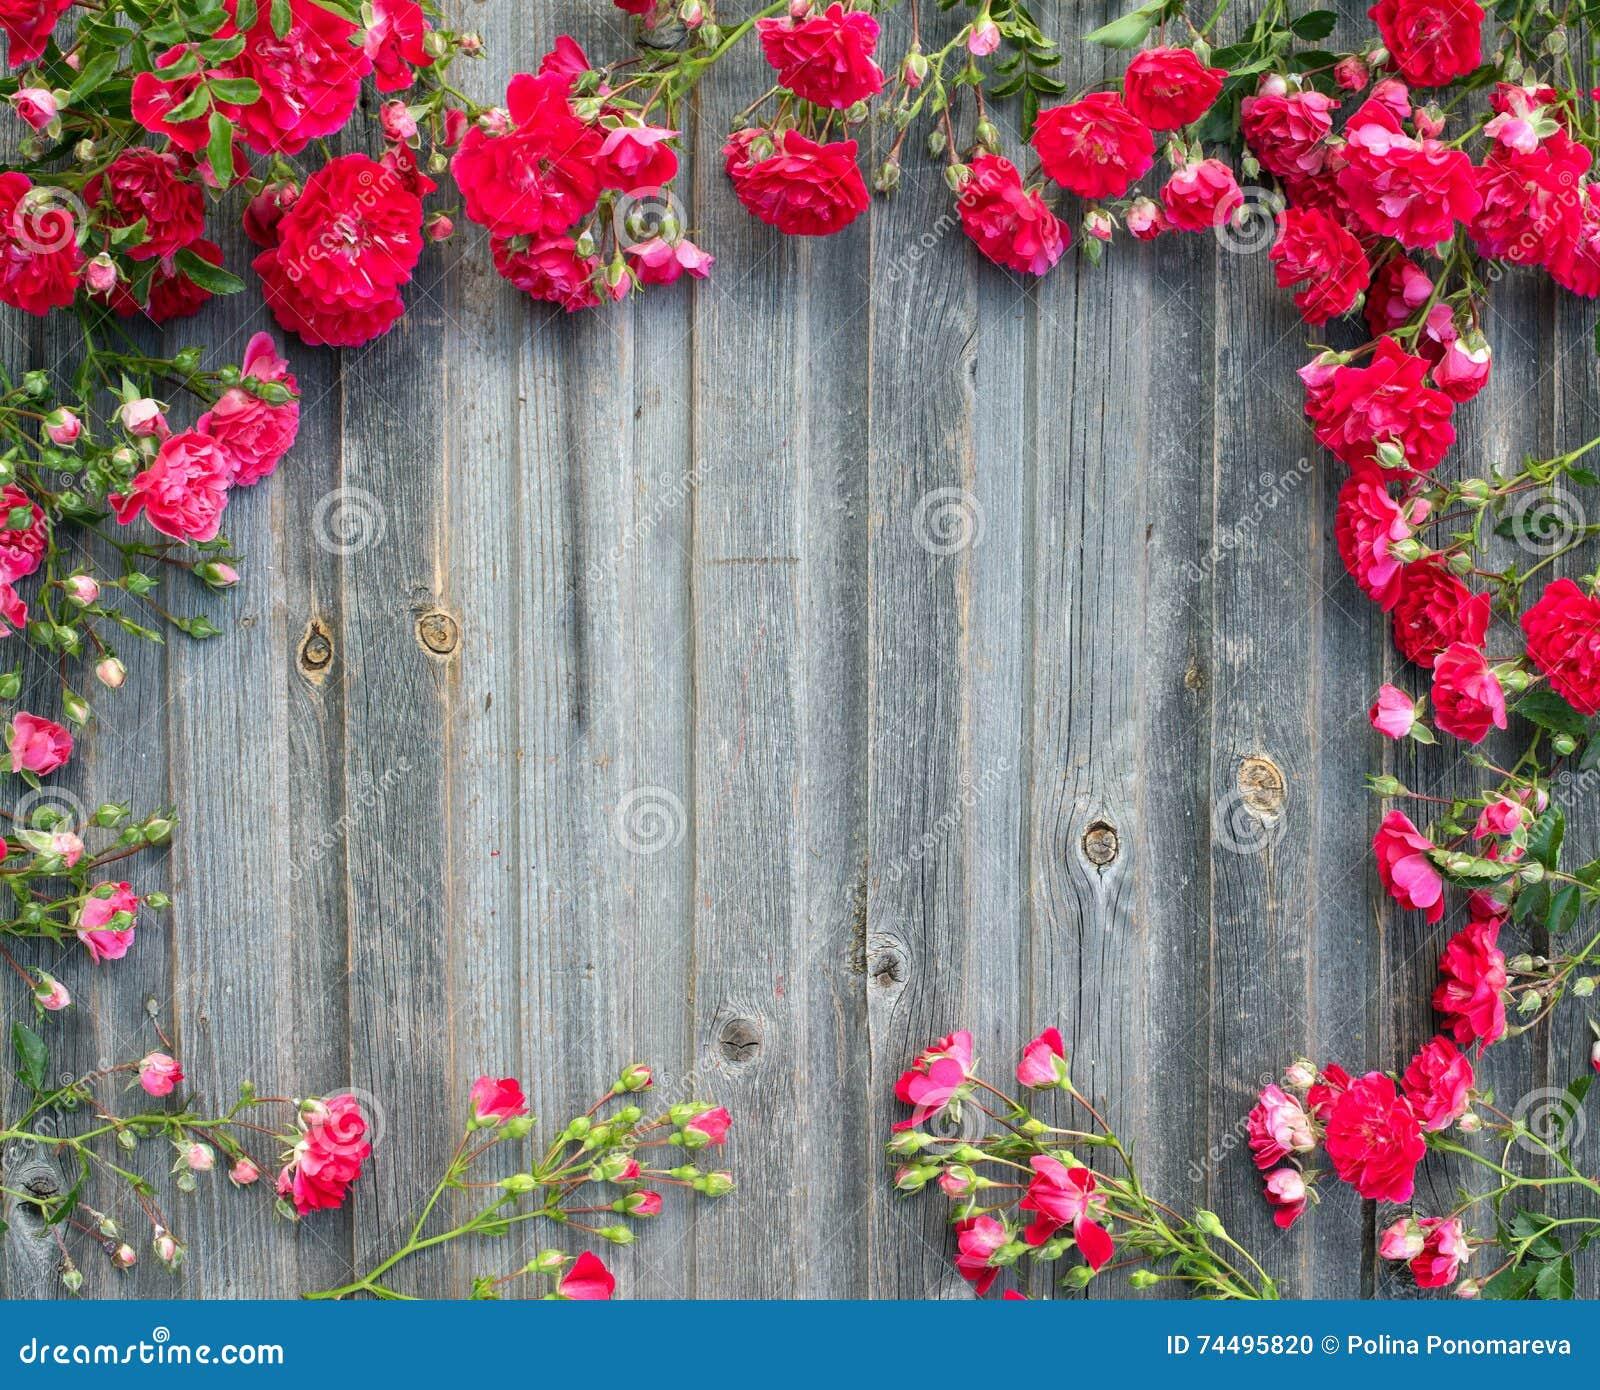 Rosas rojas del jardín hermoso en textur diseñado retro de madera resistido